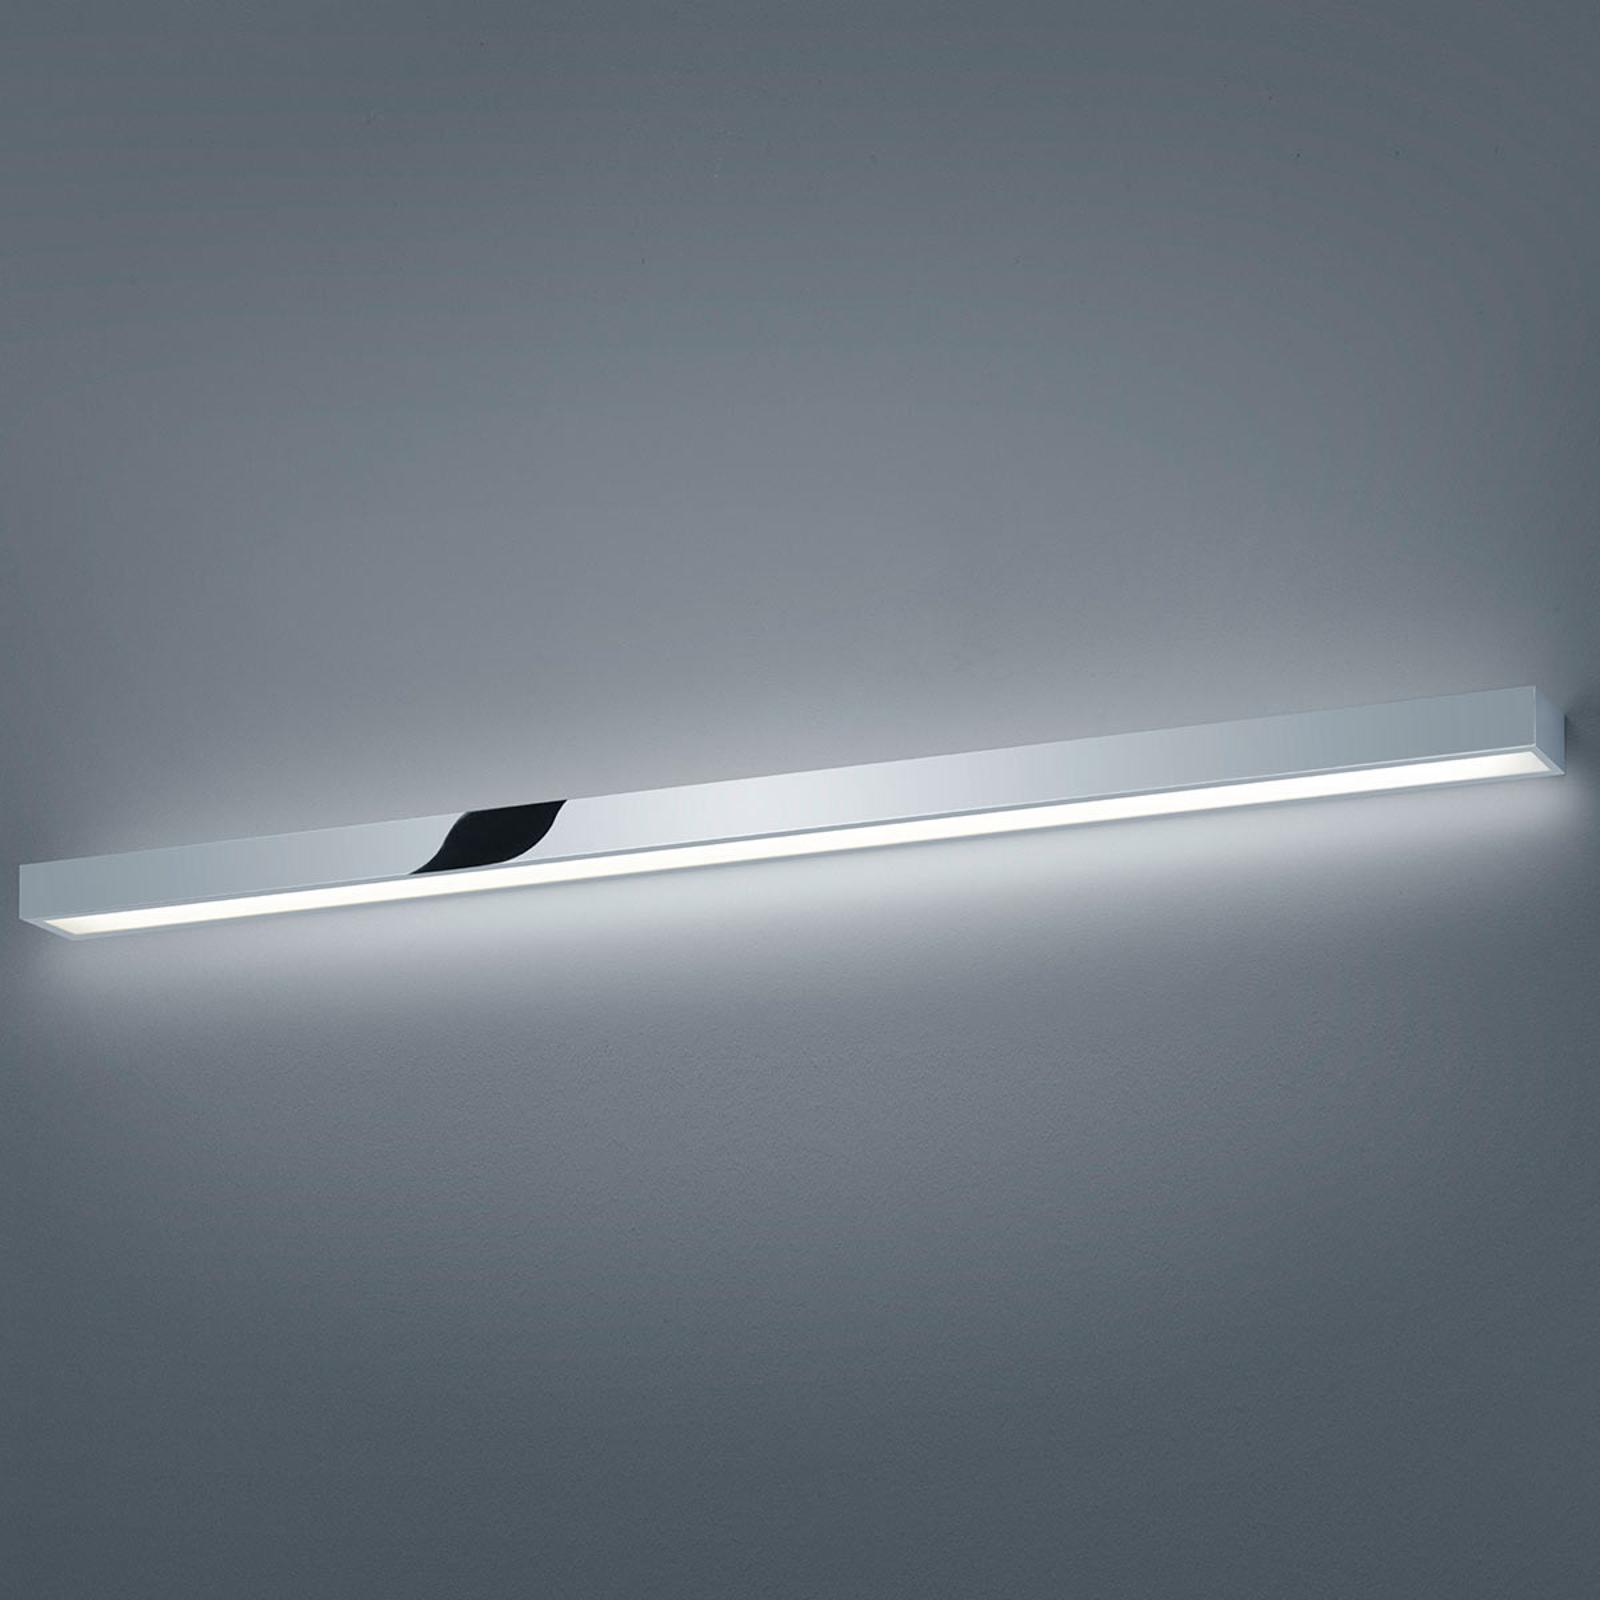 Helestra Theia LED-spegellampa, förkromad, 120cm